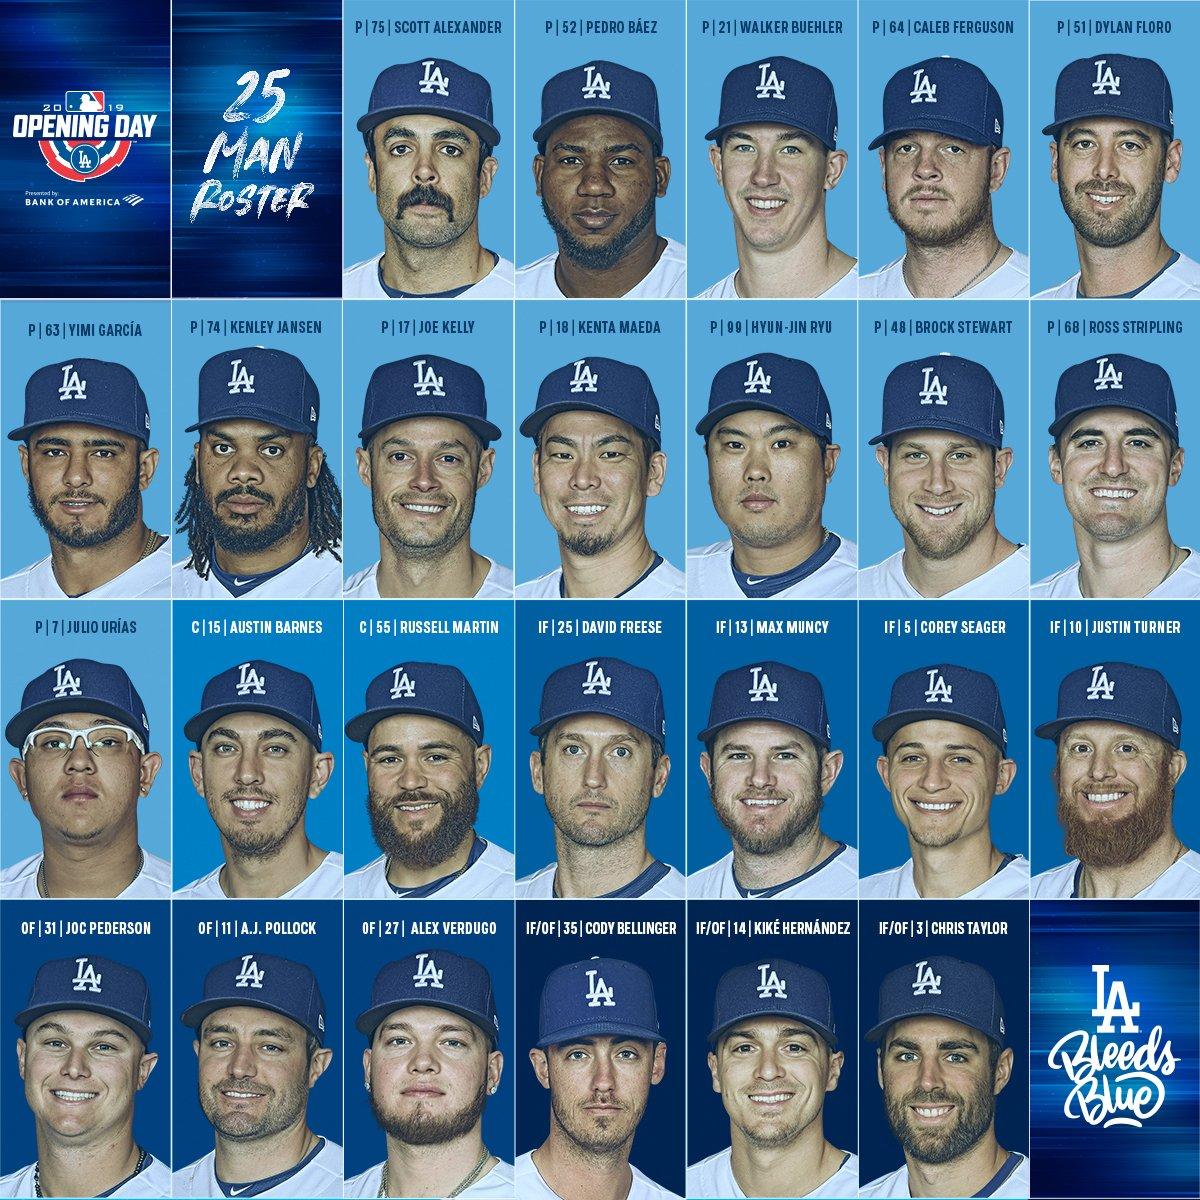 6b4eddba Los Angeles Dodgers on Twitter: